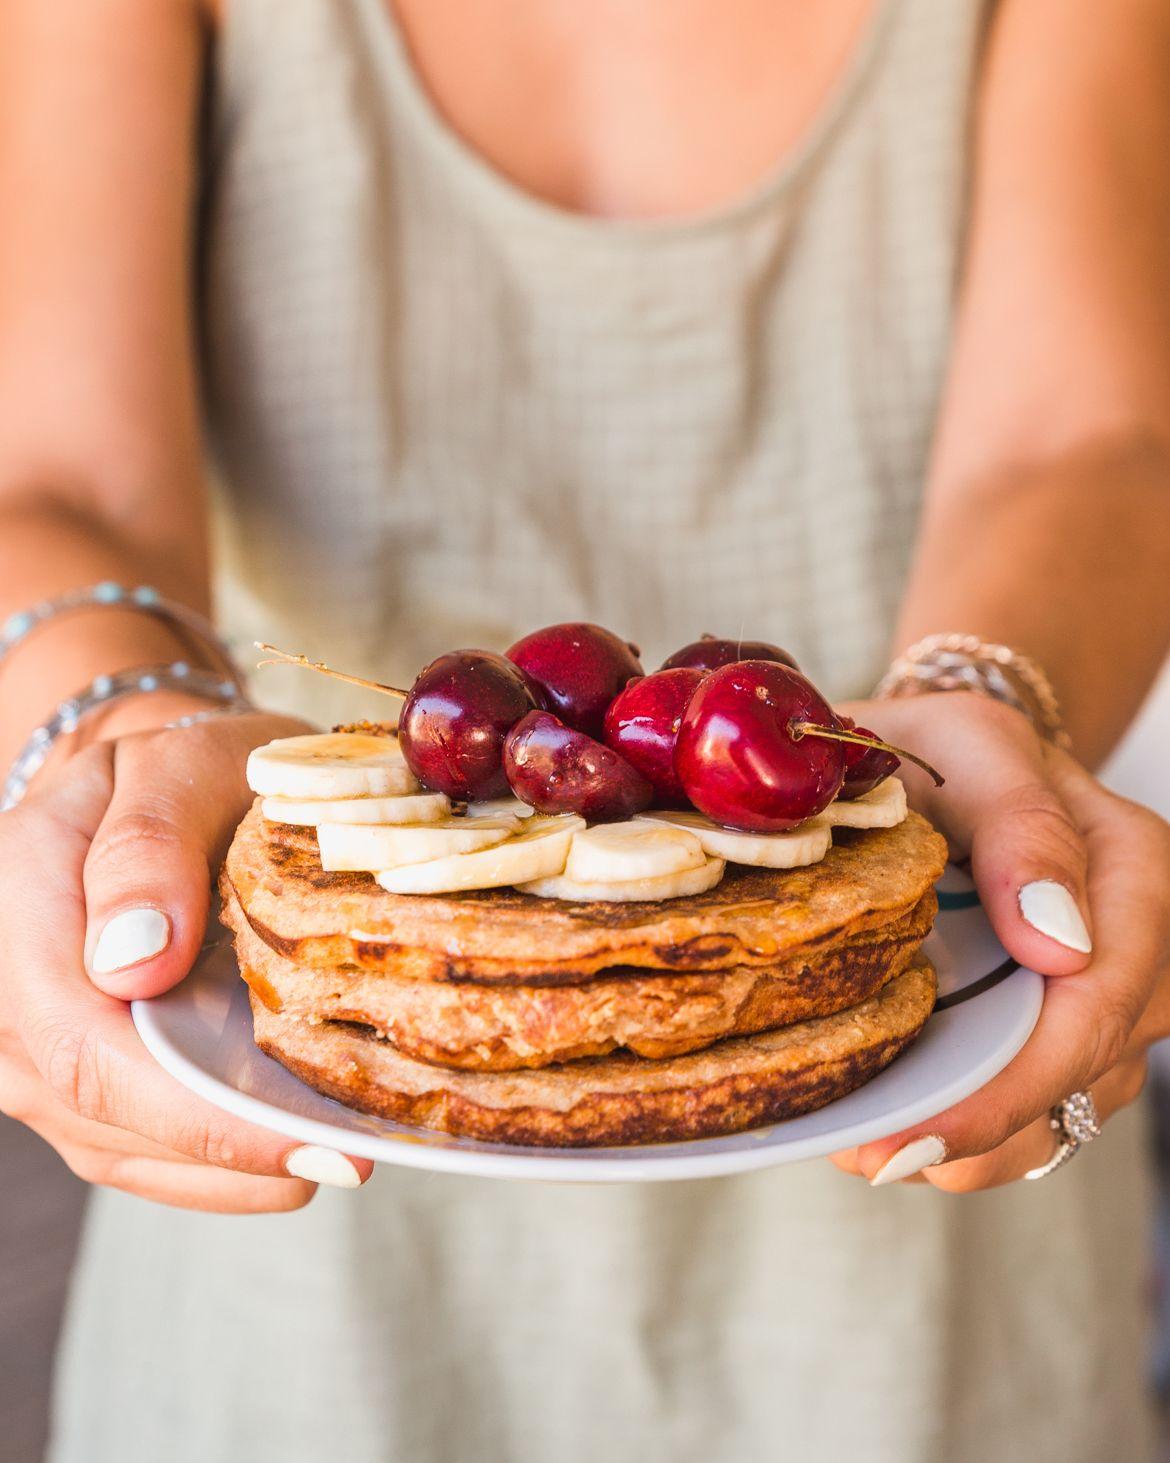 Pancakes légers « super healthy » | Recette | Pancakes leger, Alimentation, Recette pancakes